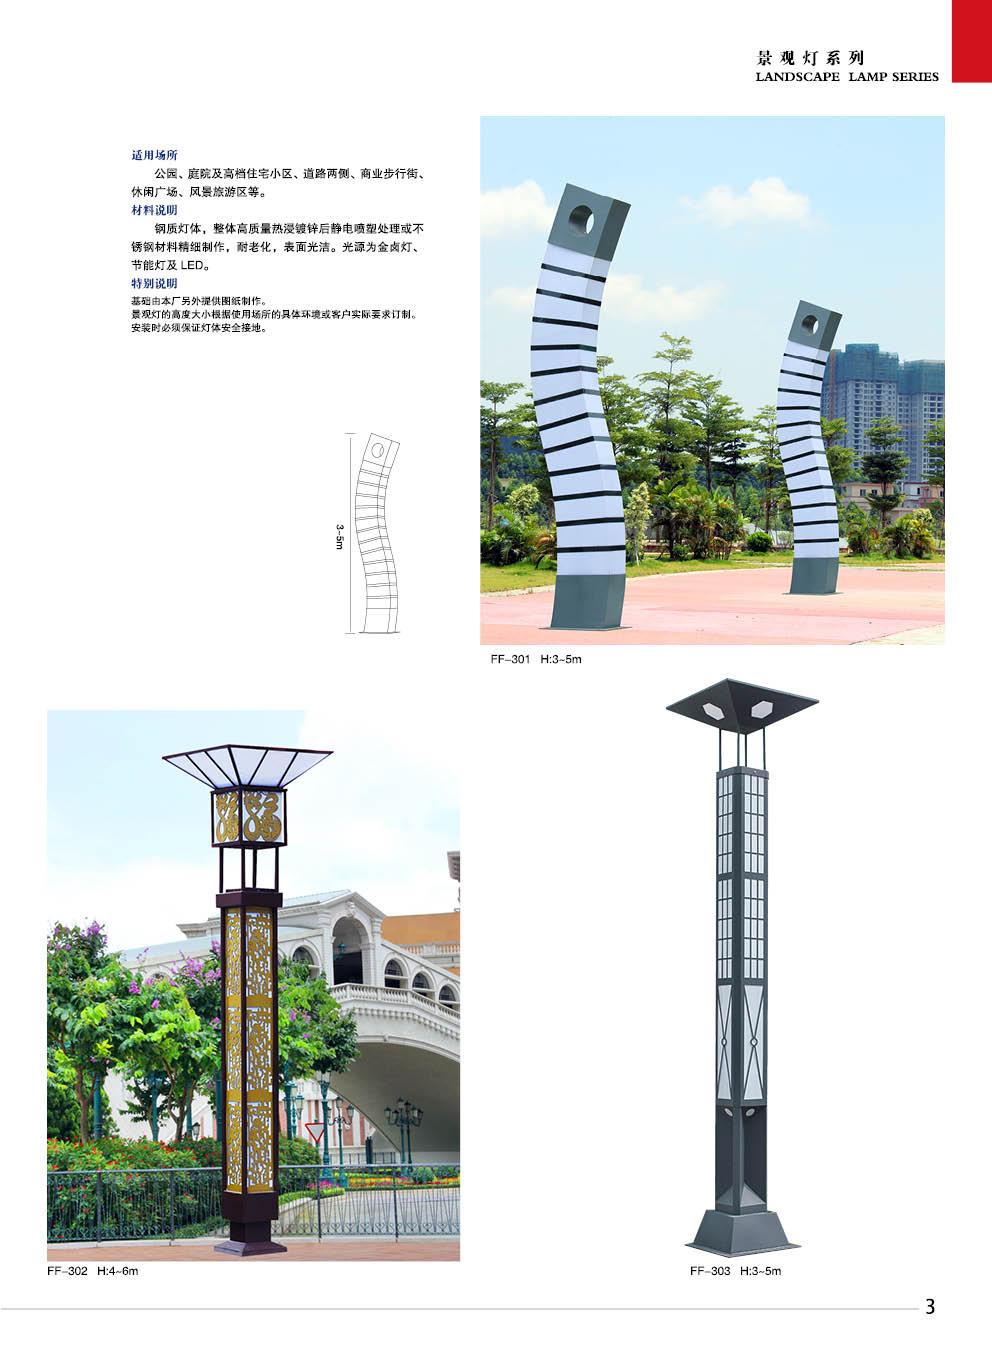 中式梅花方形景观灯 草坪花园别墅古镇户外商业街灯图片